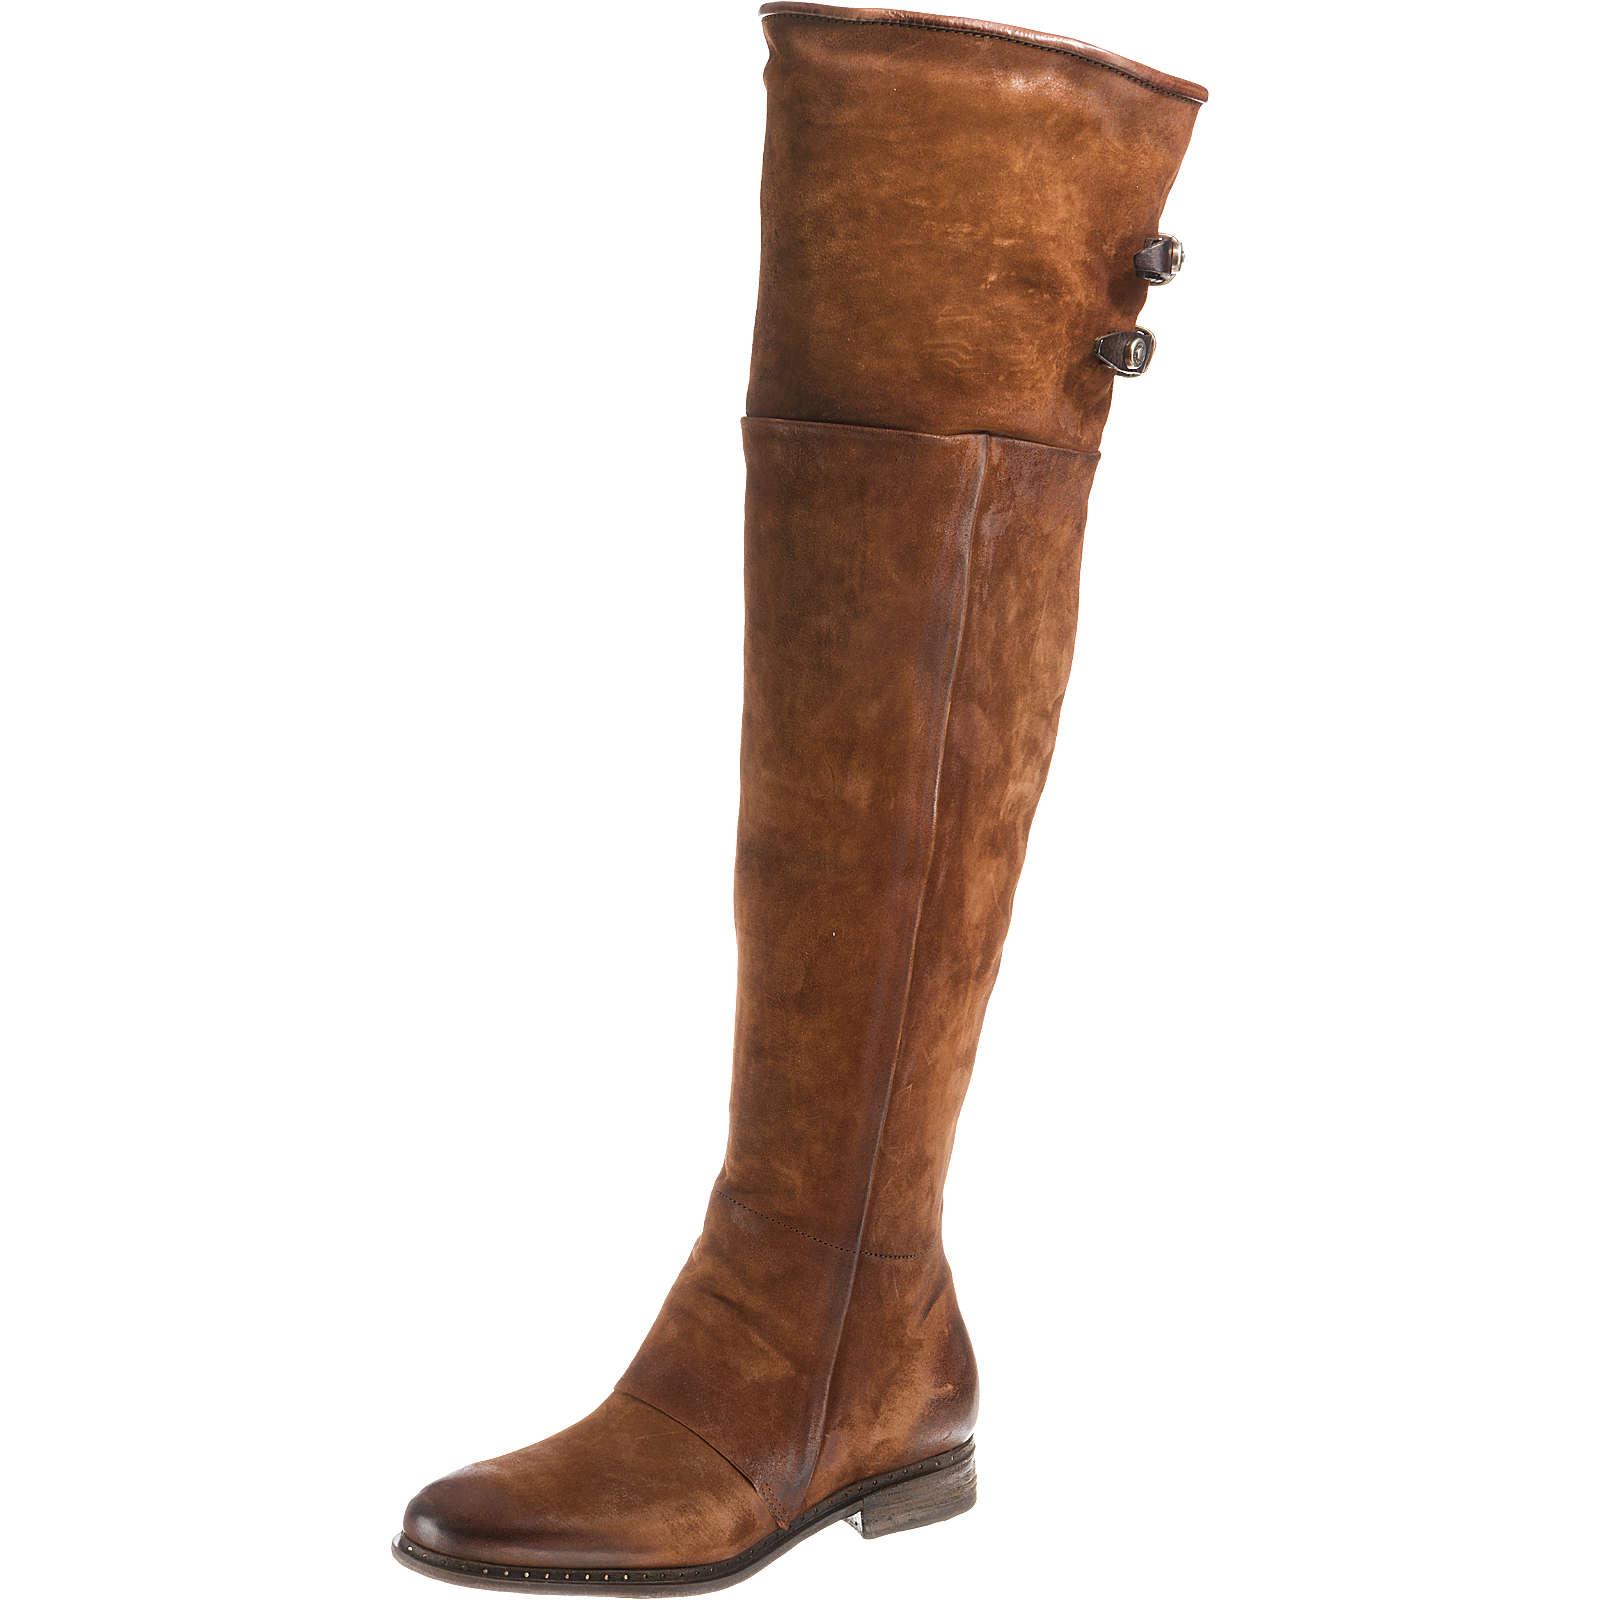 A.S.98 Overknee-Stiefel braun-kombi Damen Gr. 36